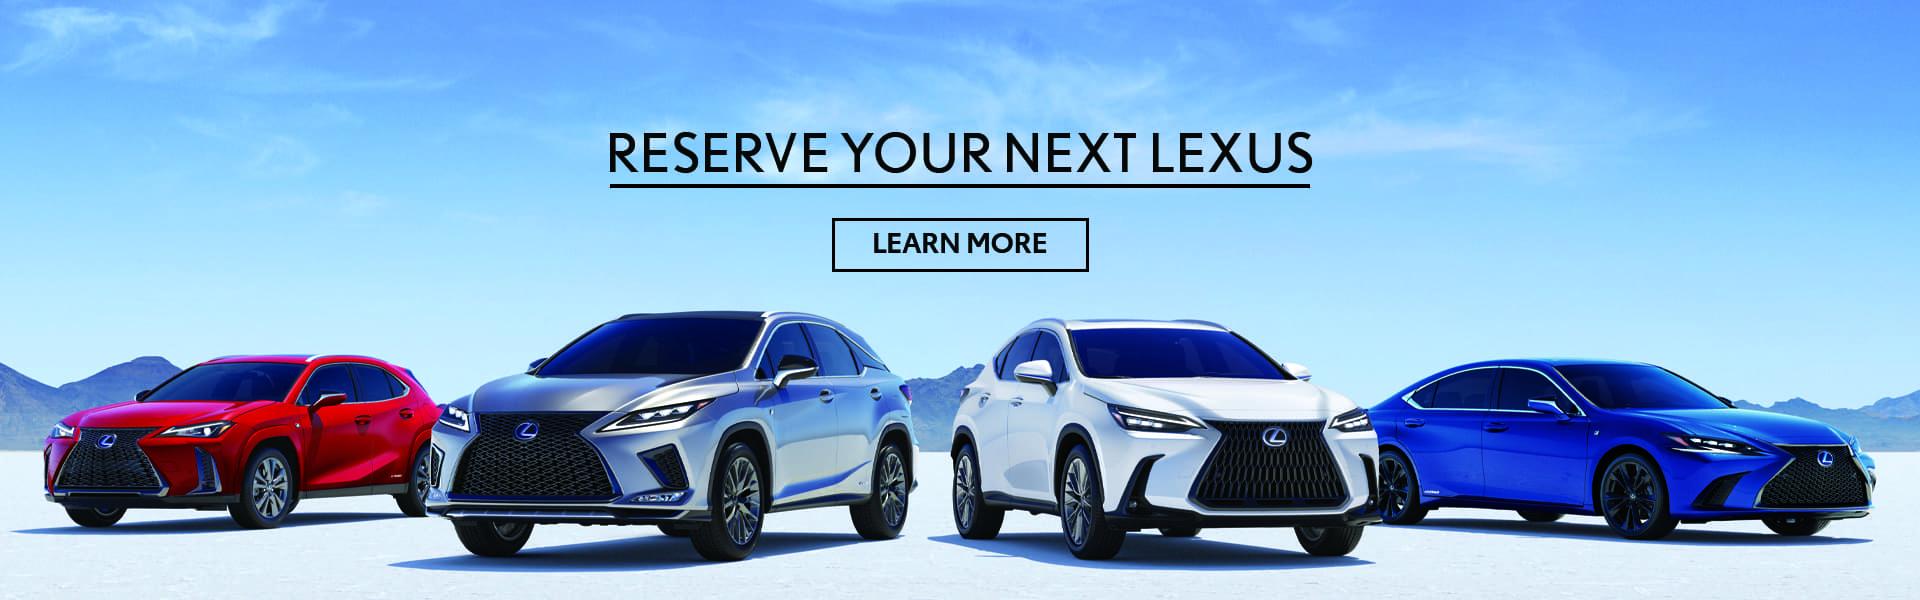 reserve-LexusDT